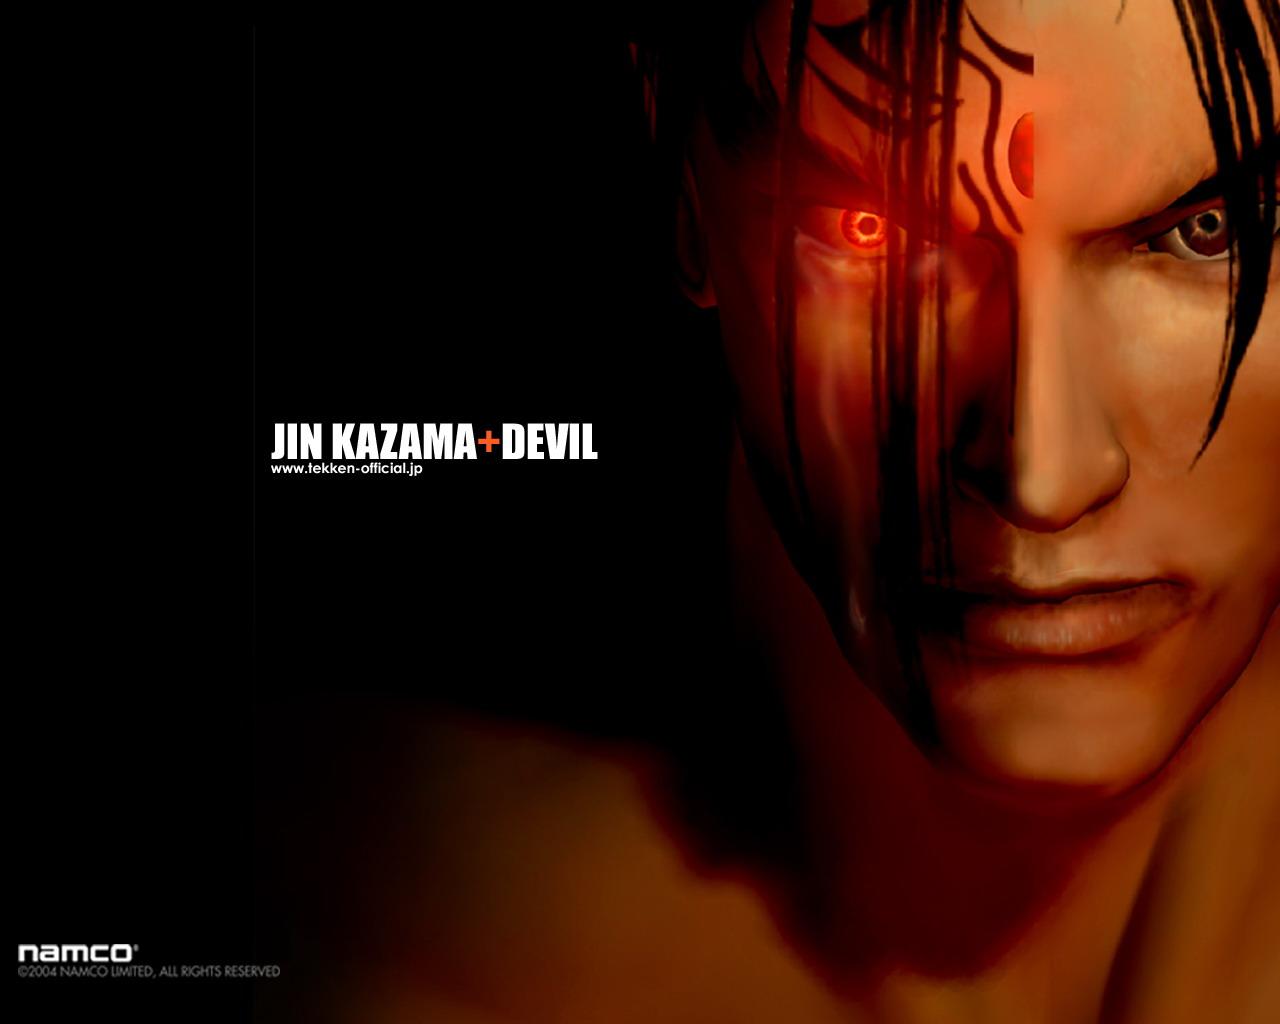 jin kazama devil tekken 4 wallpaper jin kazama devil wallpaper jin 1280x1024